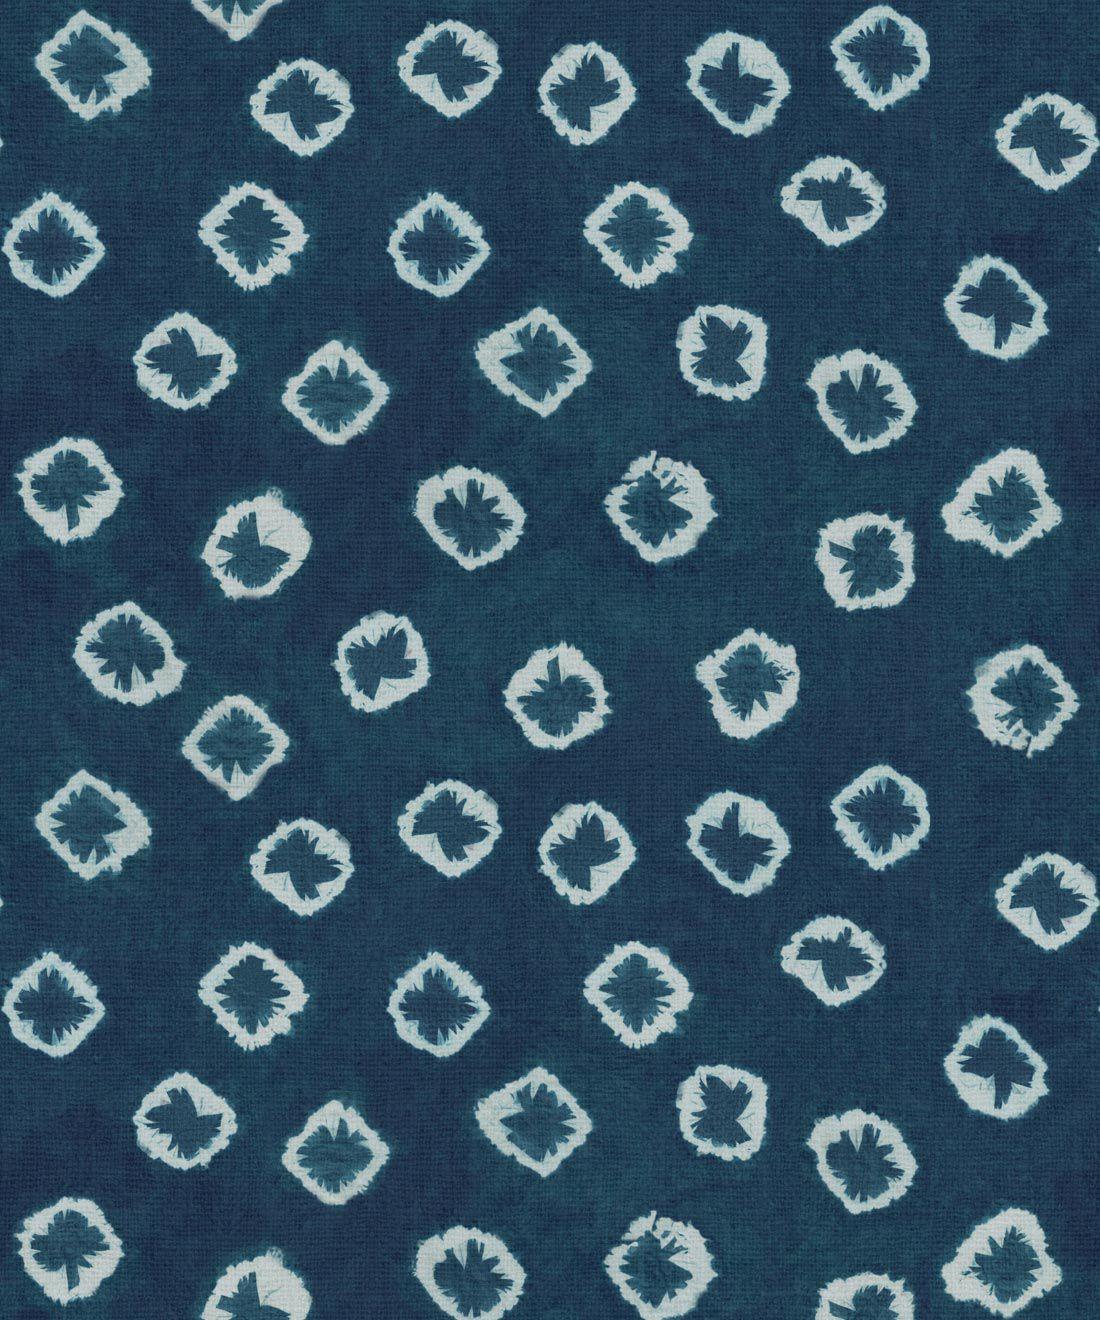 Indigo Blue Kanoko Wallpaper • Shibori